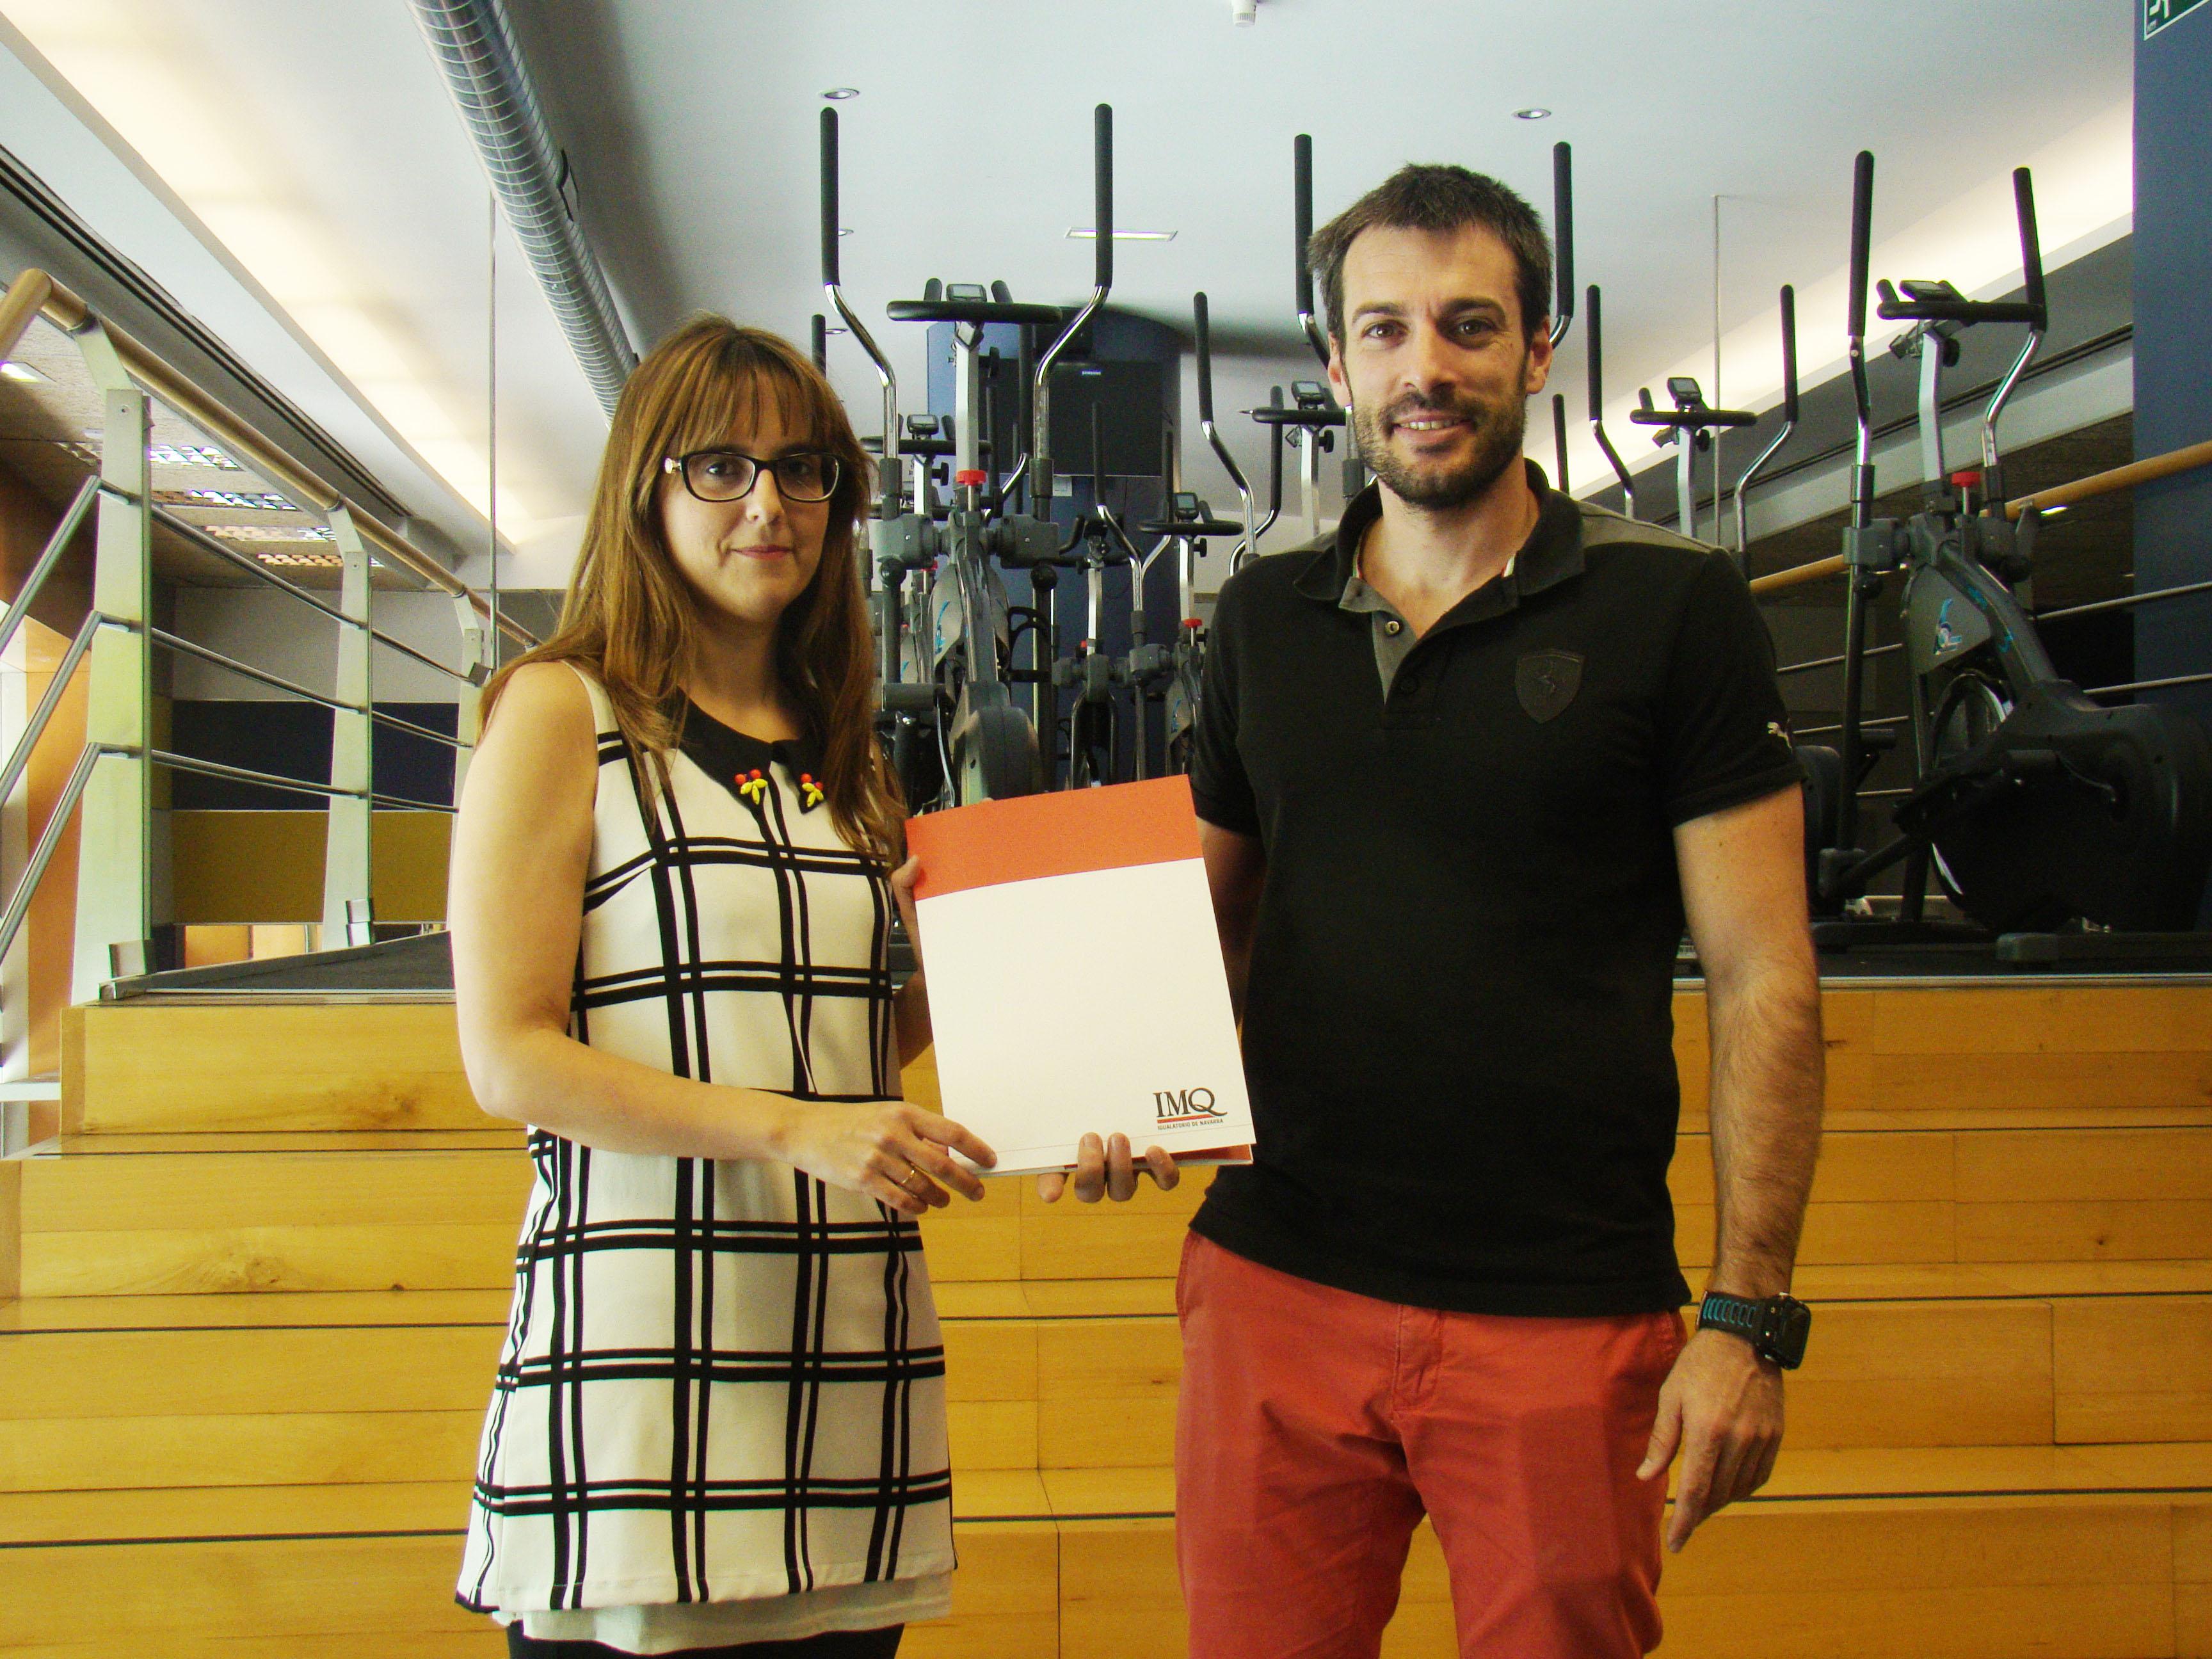 IMQ Navarra y PlanetFitness Pamplona firman un acuerdo de colaboración para ofrecer a los socios del gimnasio una cobertura sanitaria de calidad